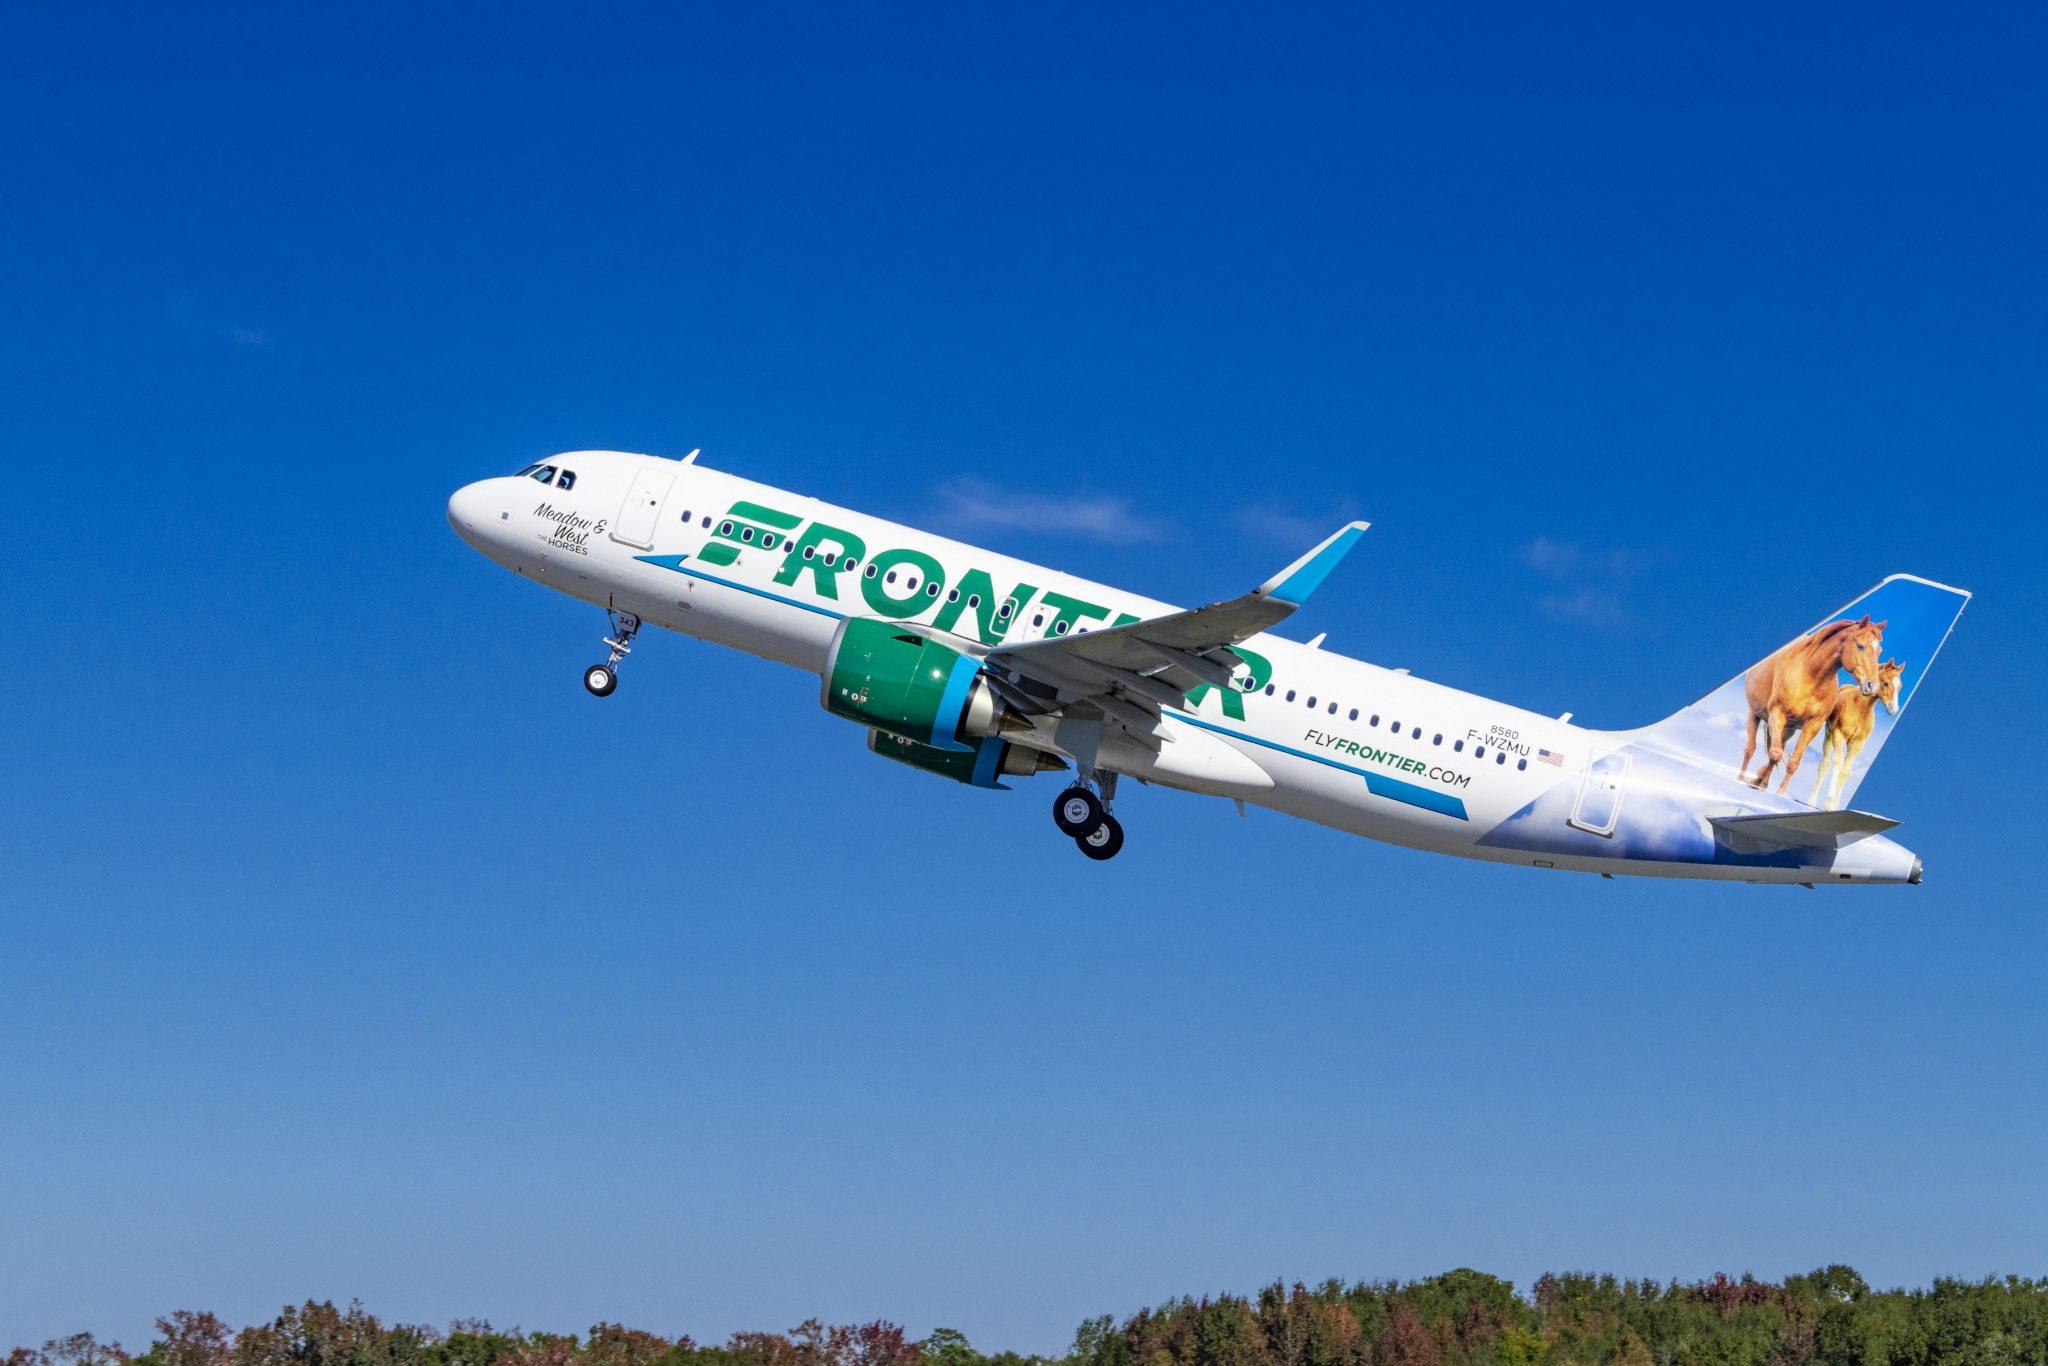 Aerolínea Frontier anuncia 15 nuevas rutas desde el aeropuerto de Newark